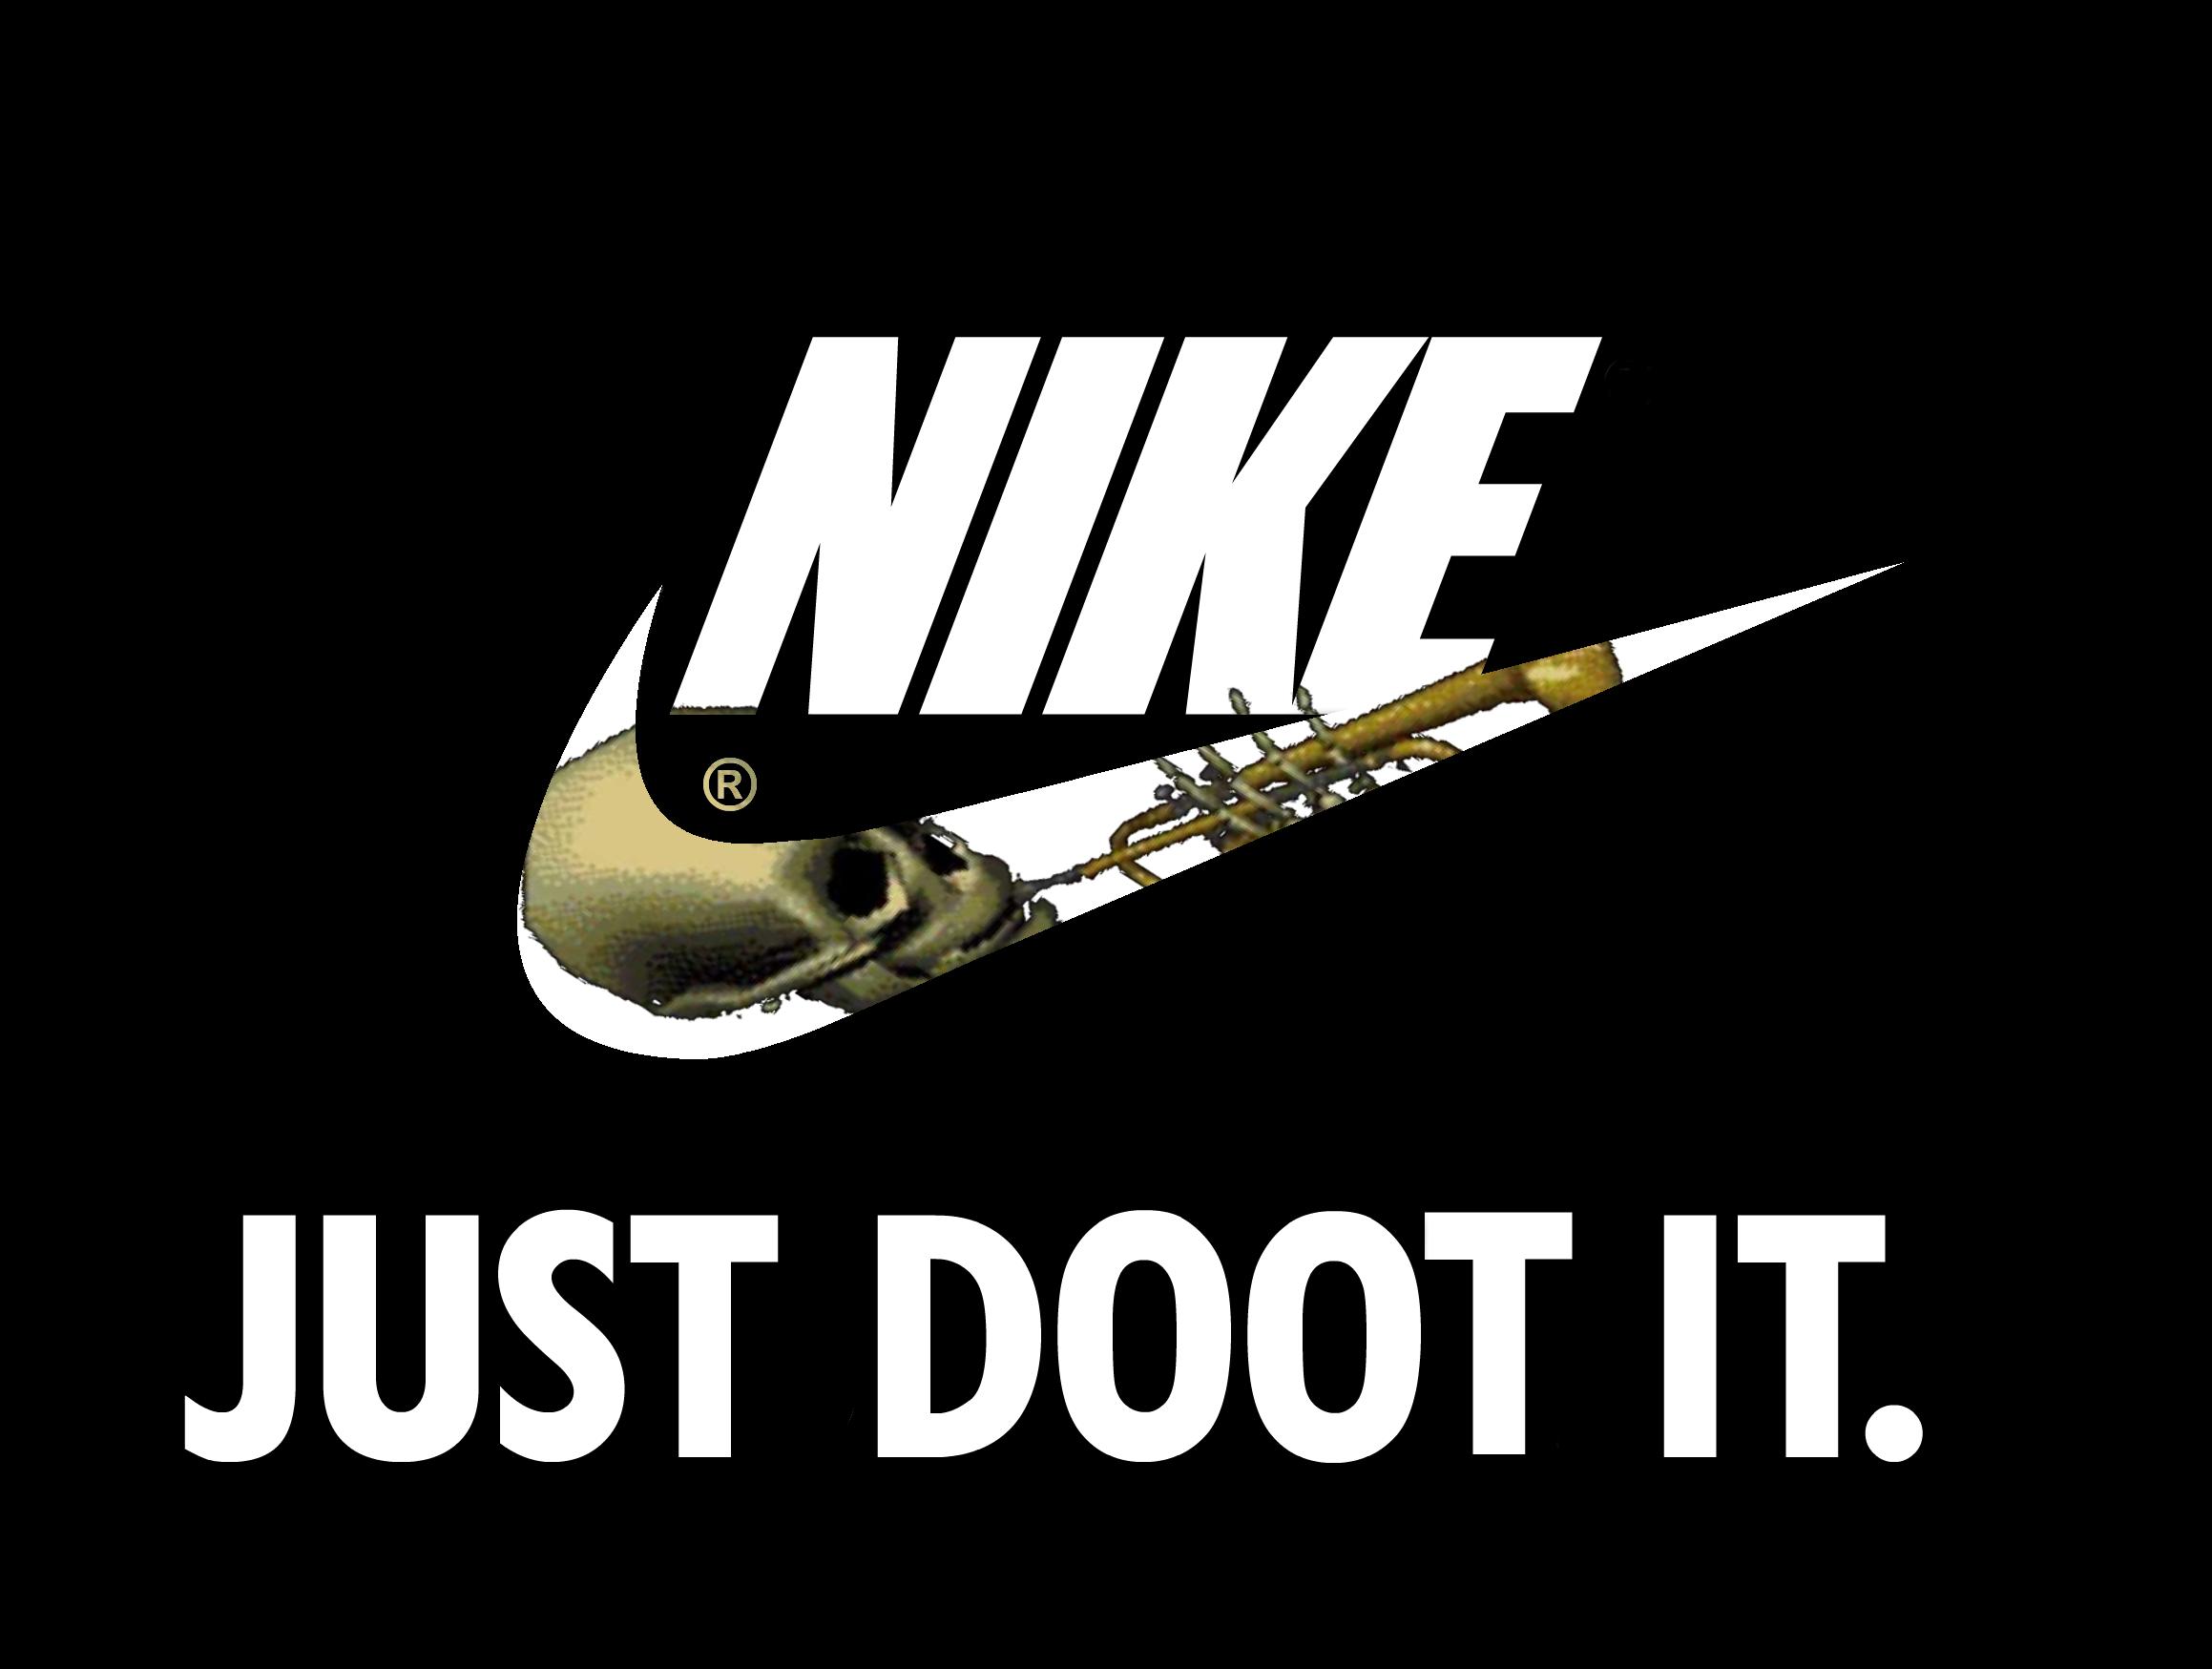 timmy trumpet wiki